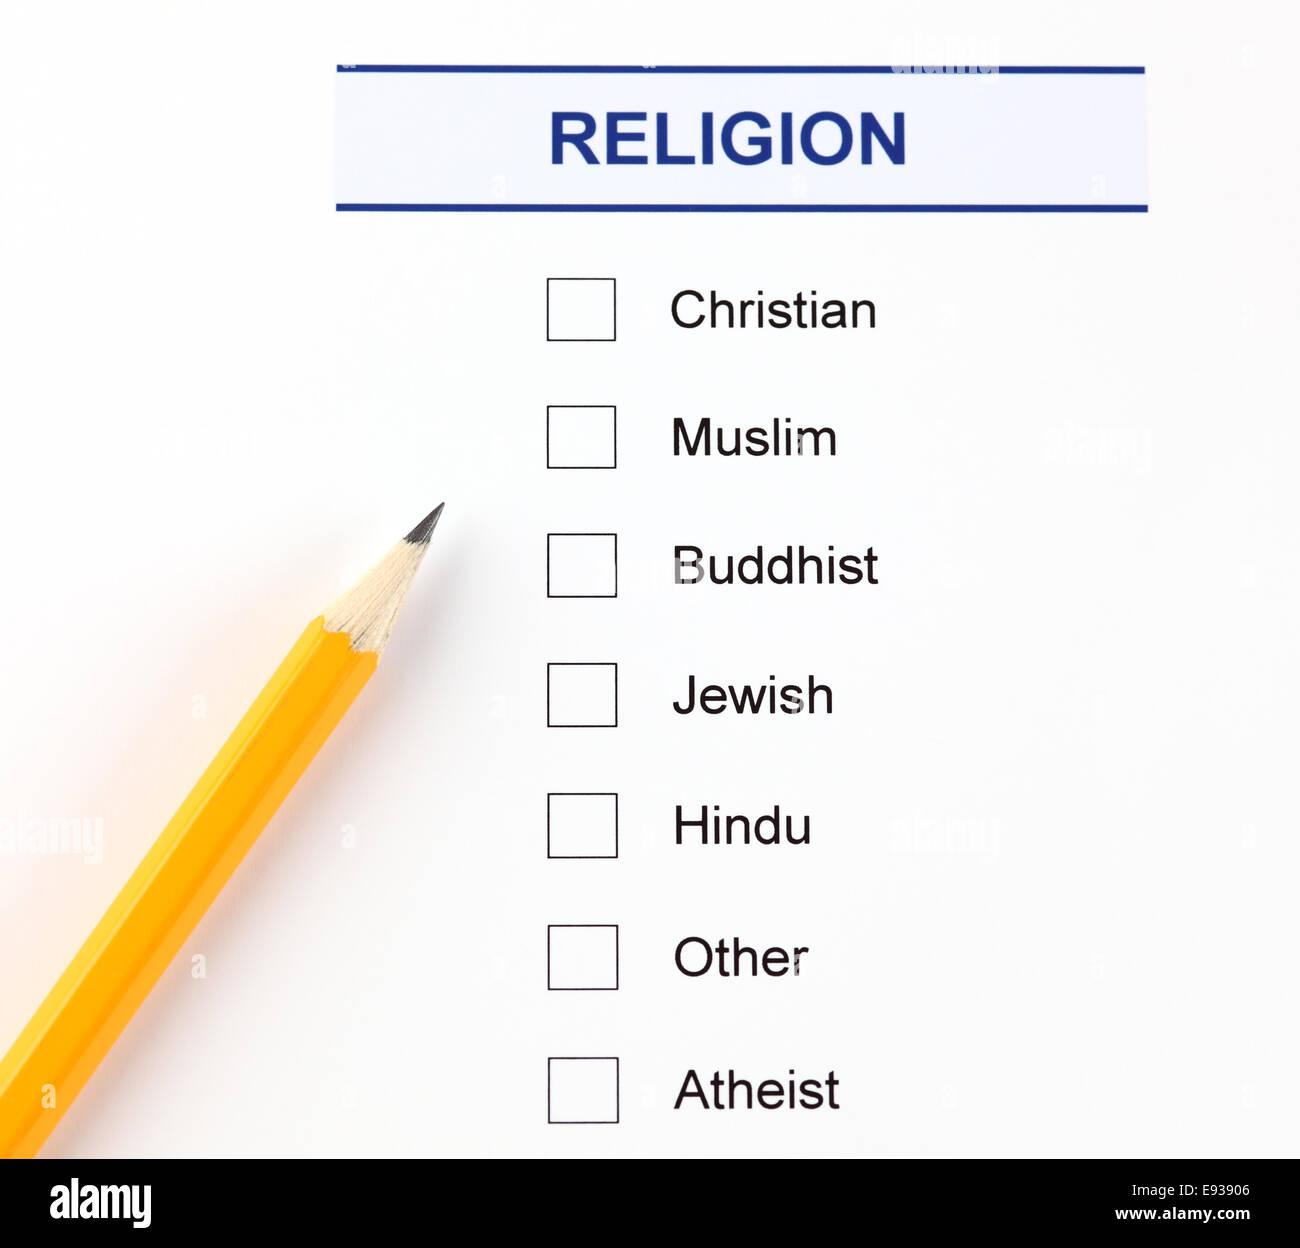 Hindu Muslim Christian Stock Photos & Hindu Muslim Christian Stock